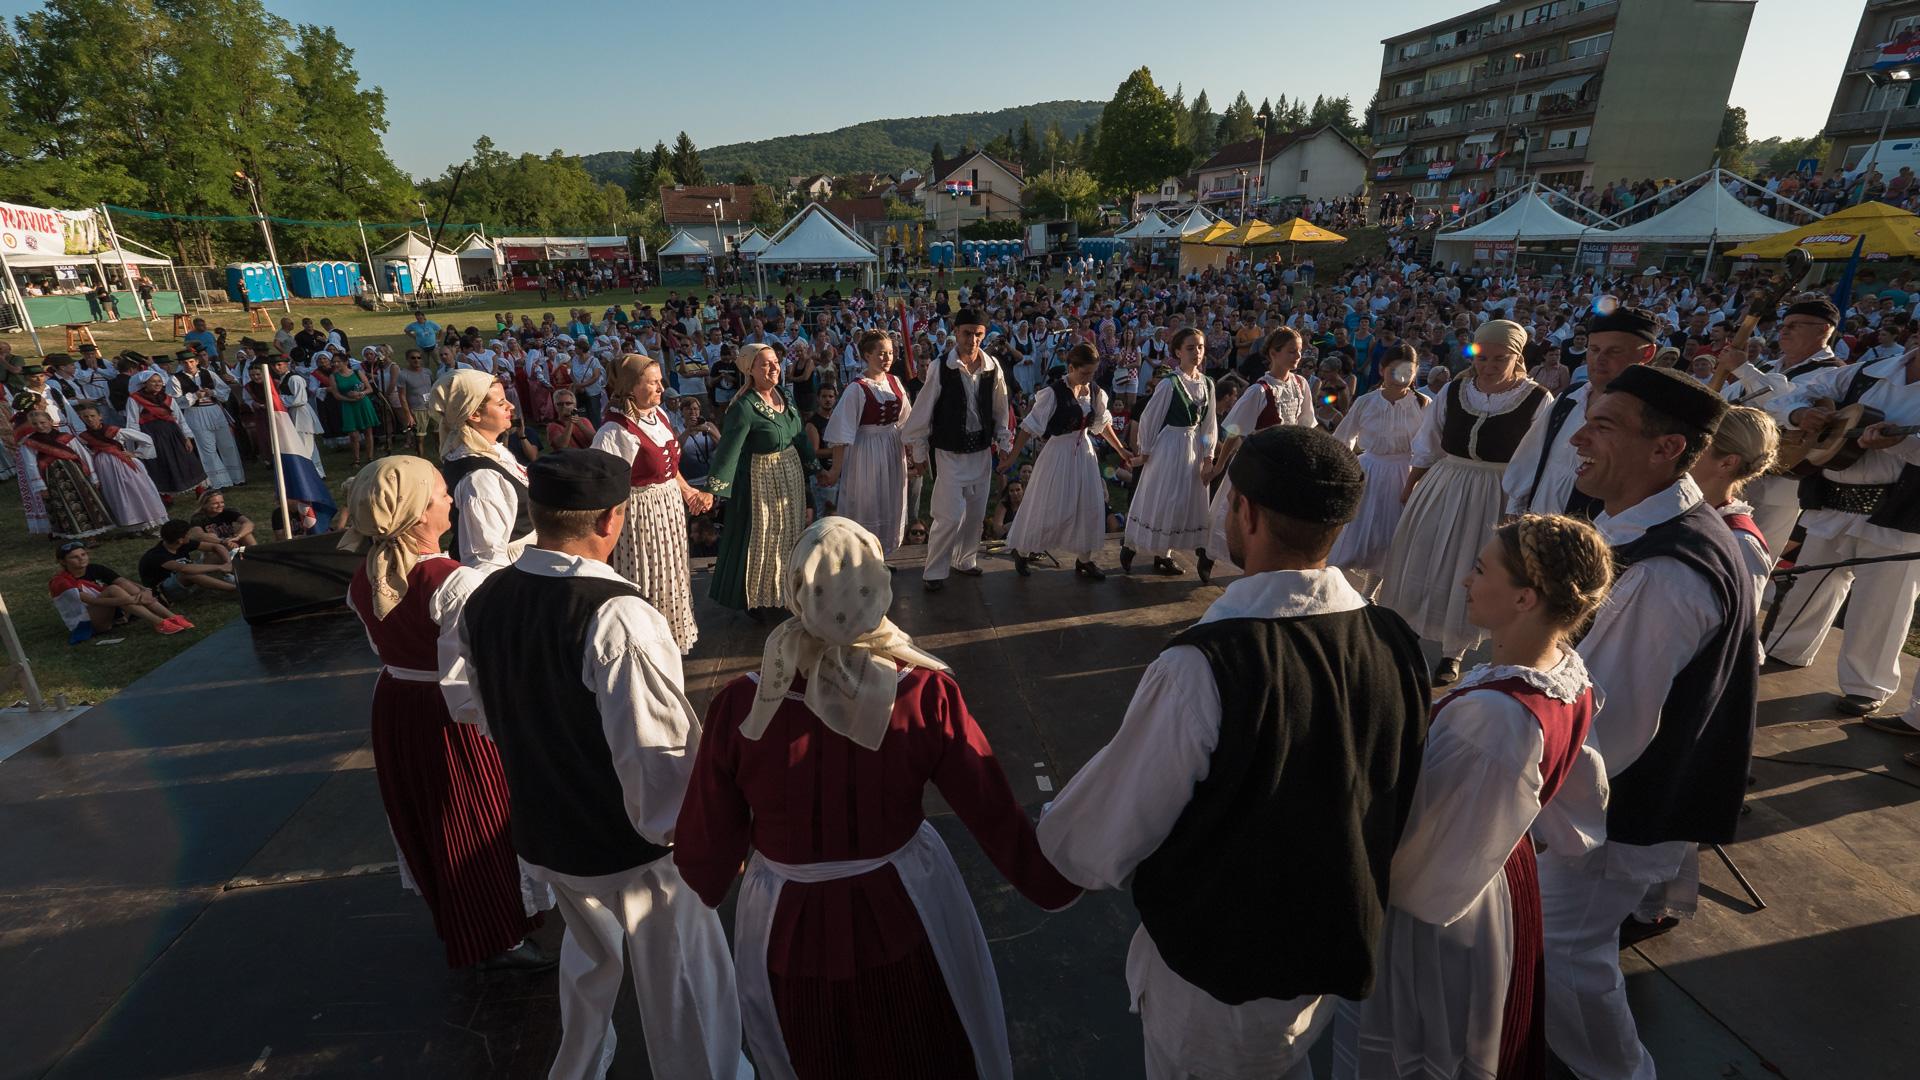 LokalnaHrvatska.hr Slunj KULTURNI PROGRAM POVODOM DANA POBJEDE, DANA DOMOVINSKE ZAHVALNOSTI I DANA HRVATSKIH BRANITELJA 5. 8. 2017. - FOTOGALERIJA